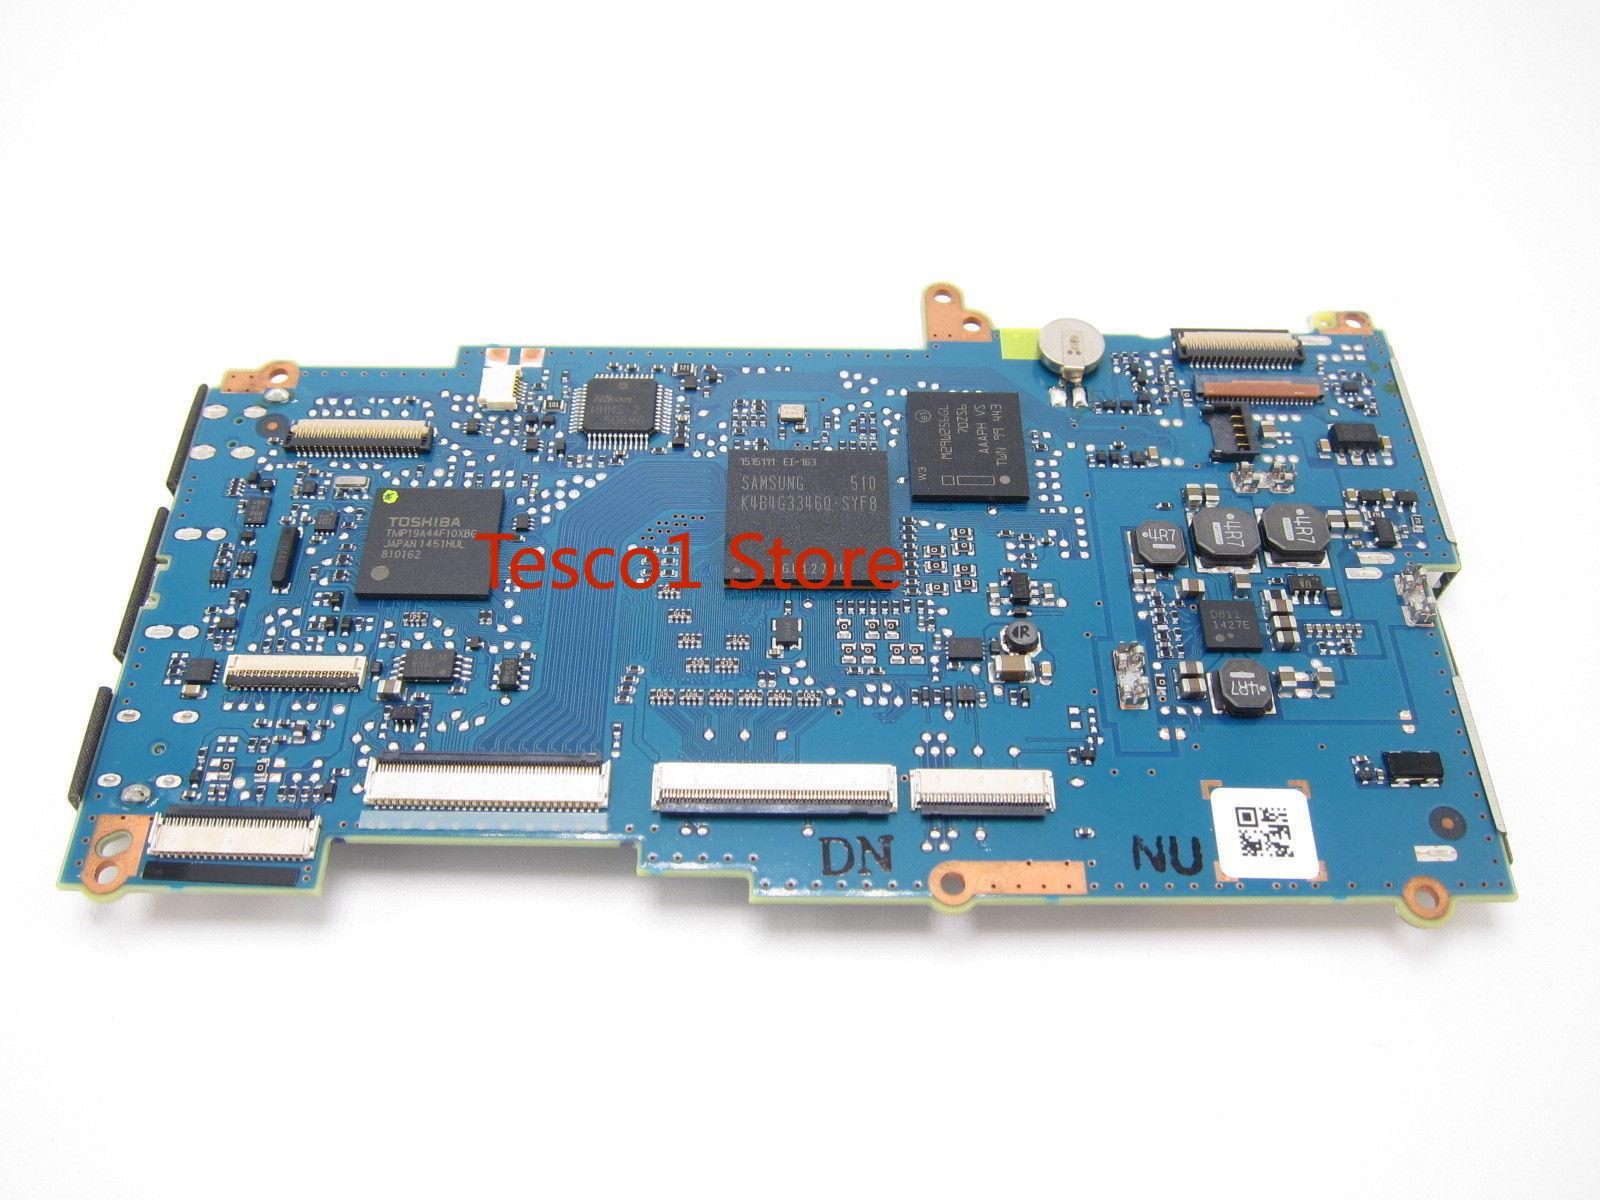 Original camera parts Repair Parts For Nikon D7100 Main Board Motherboard MCU PCB Digital Board